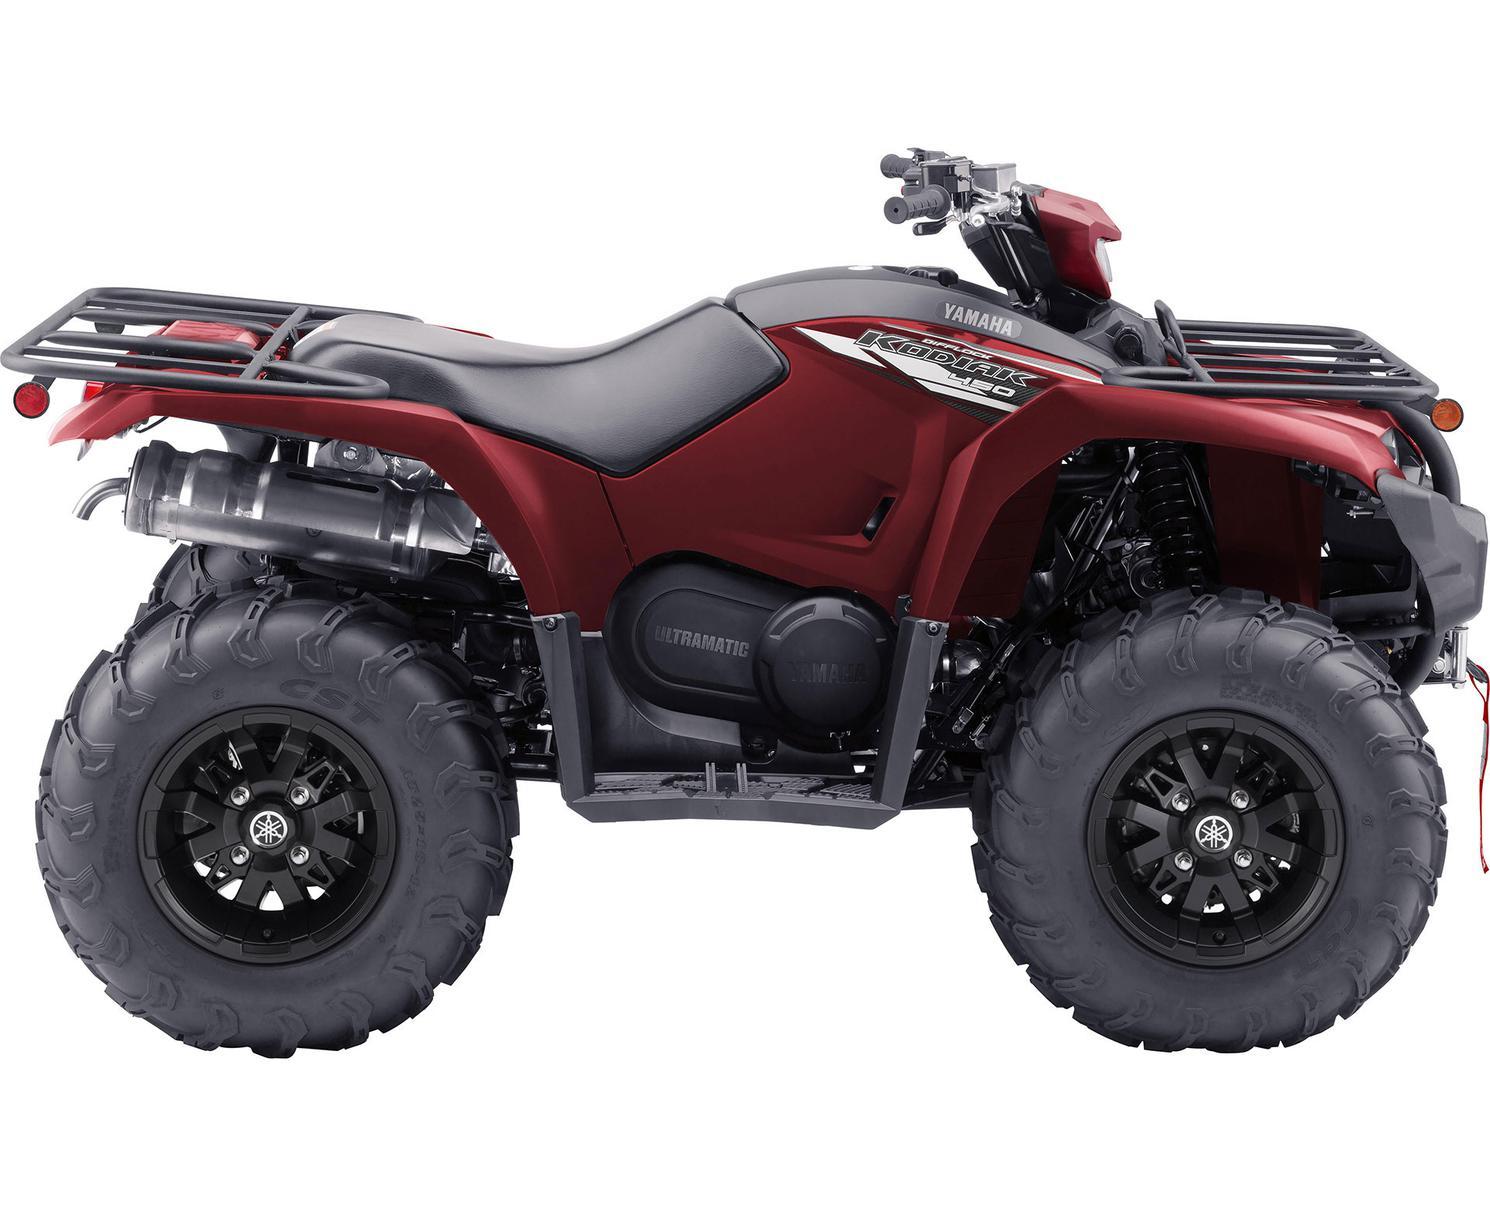 2021 Yamaha Kodiak 450 DAE SE